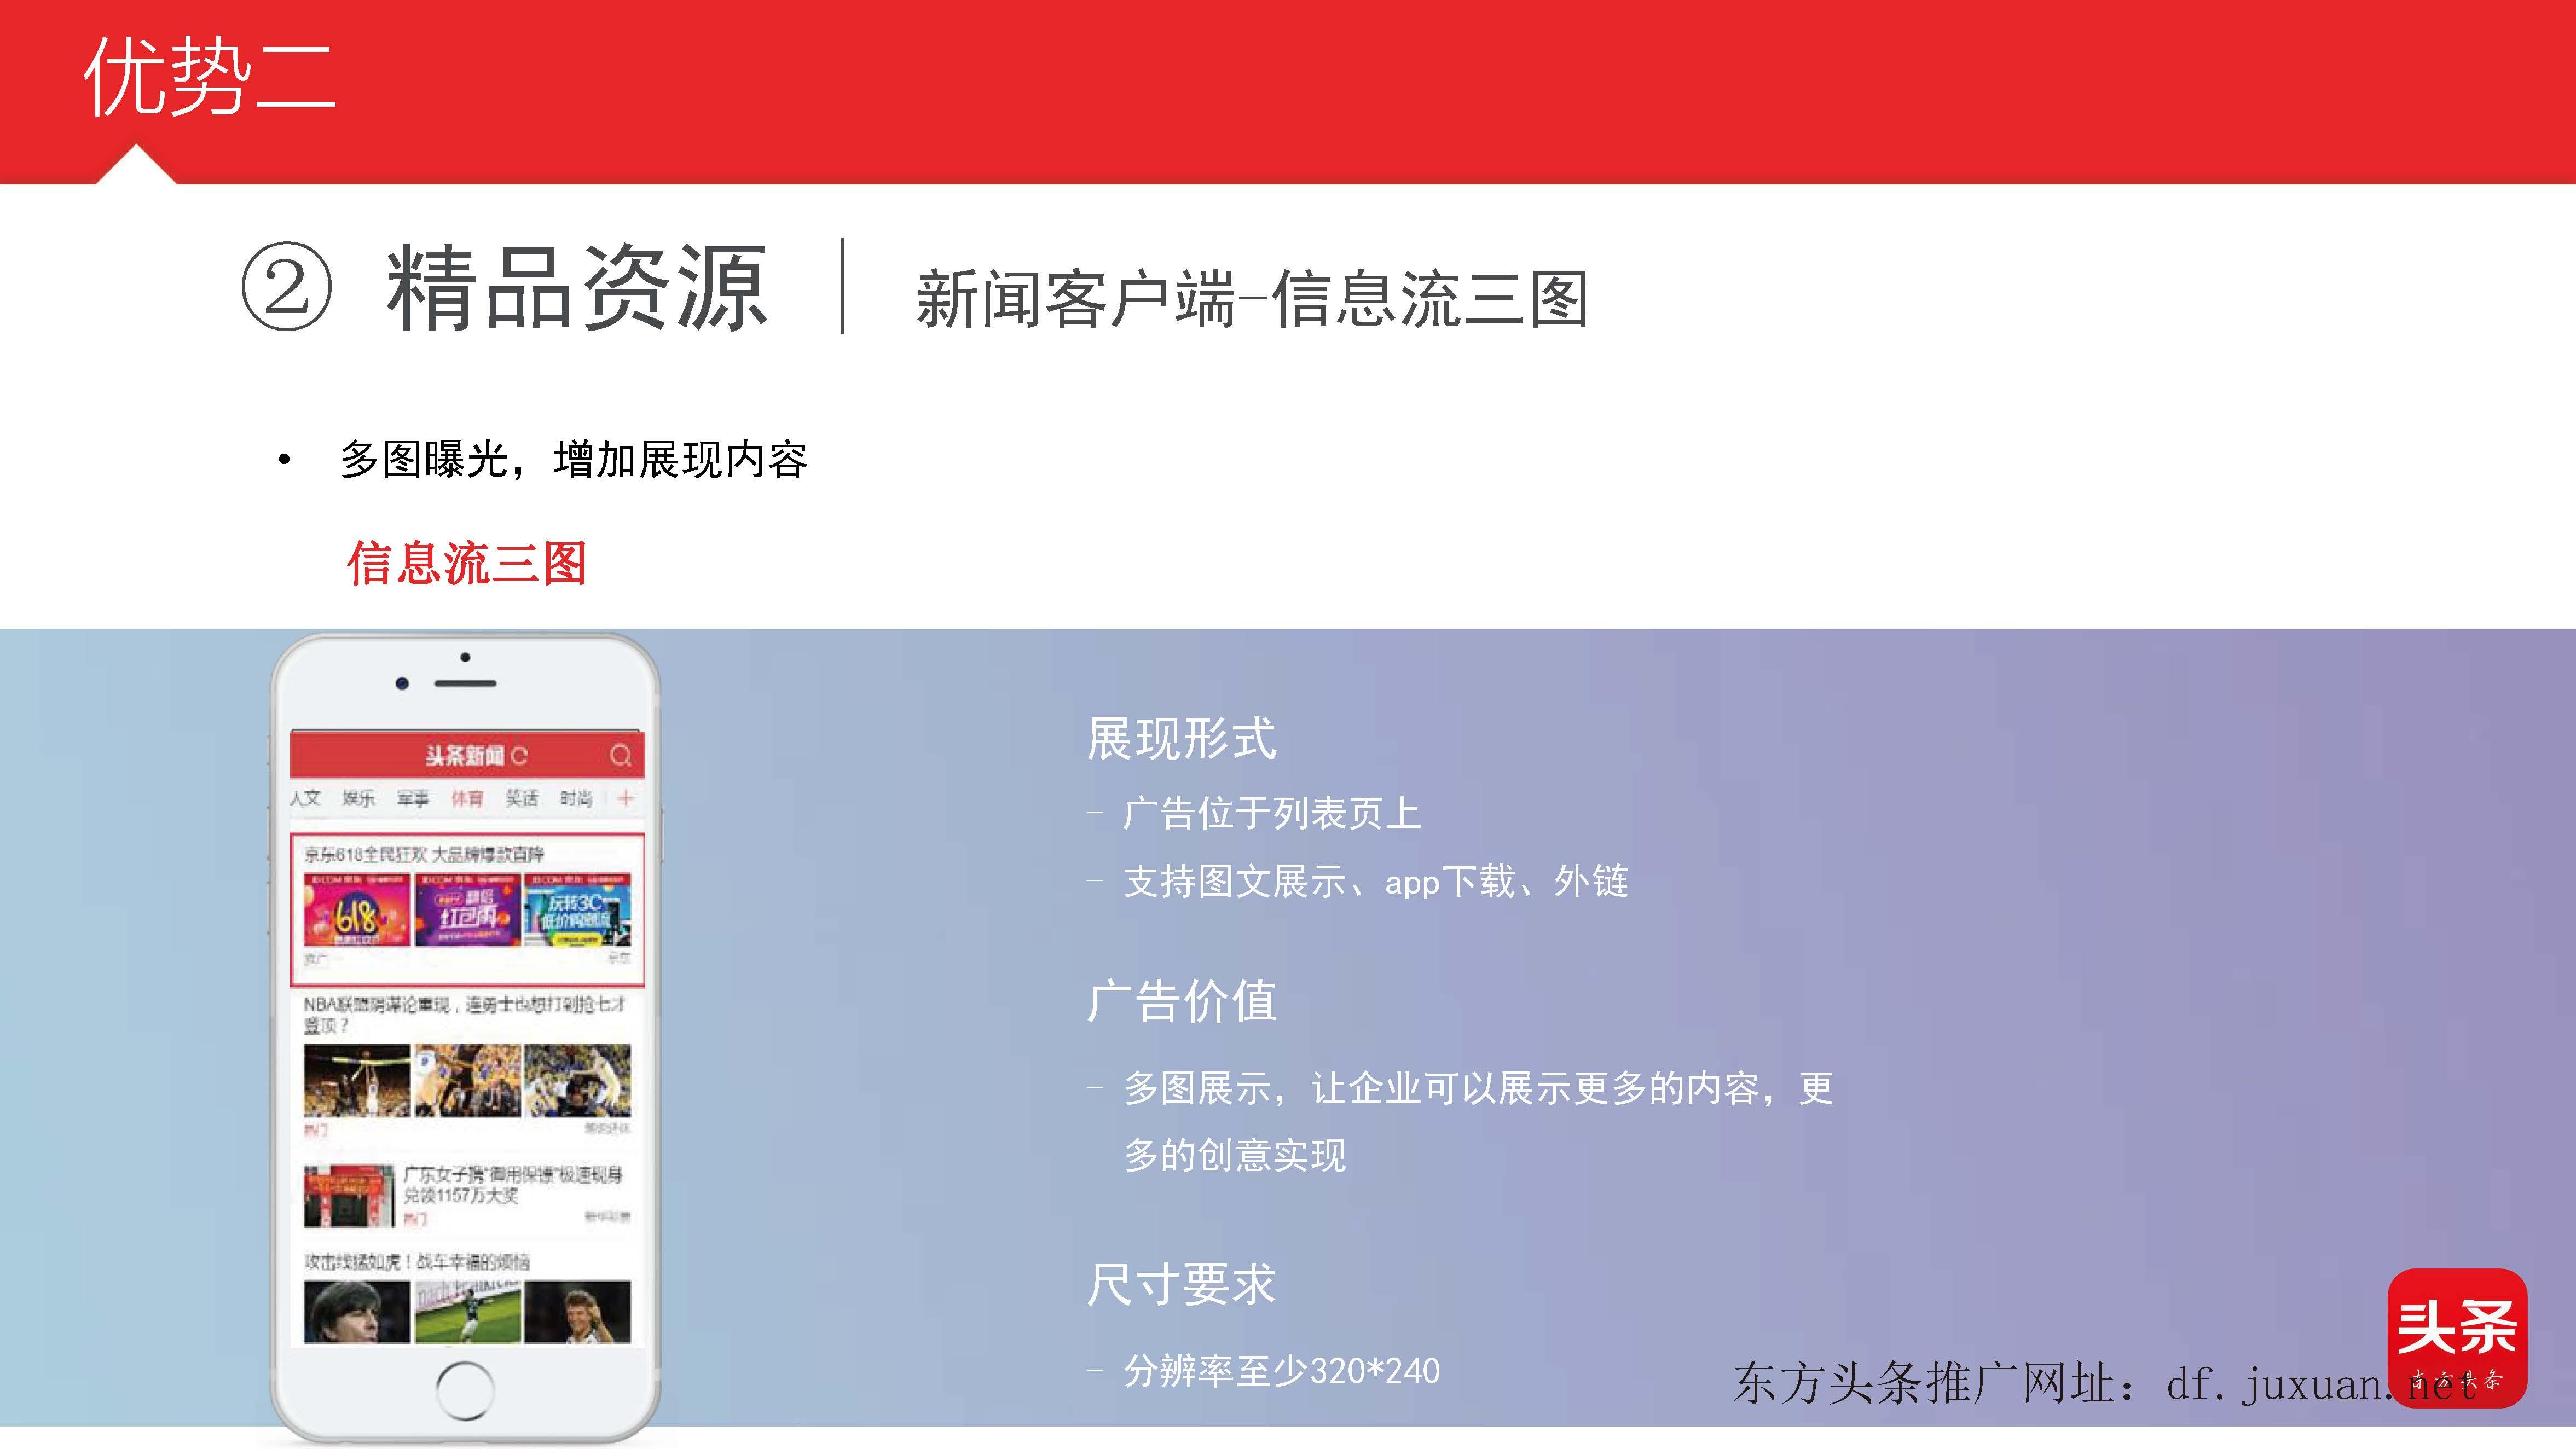 东方推广资源-新闻客户端信息流三图广告